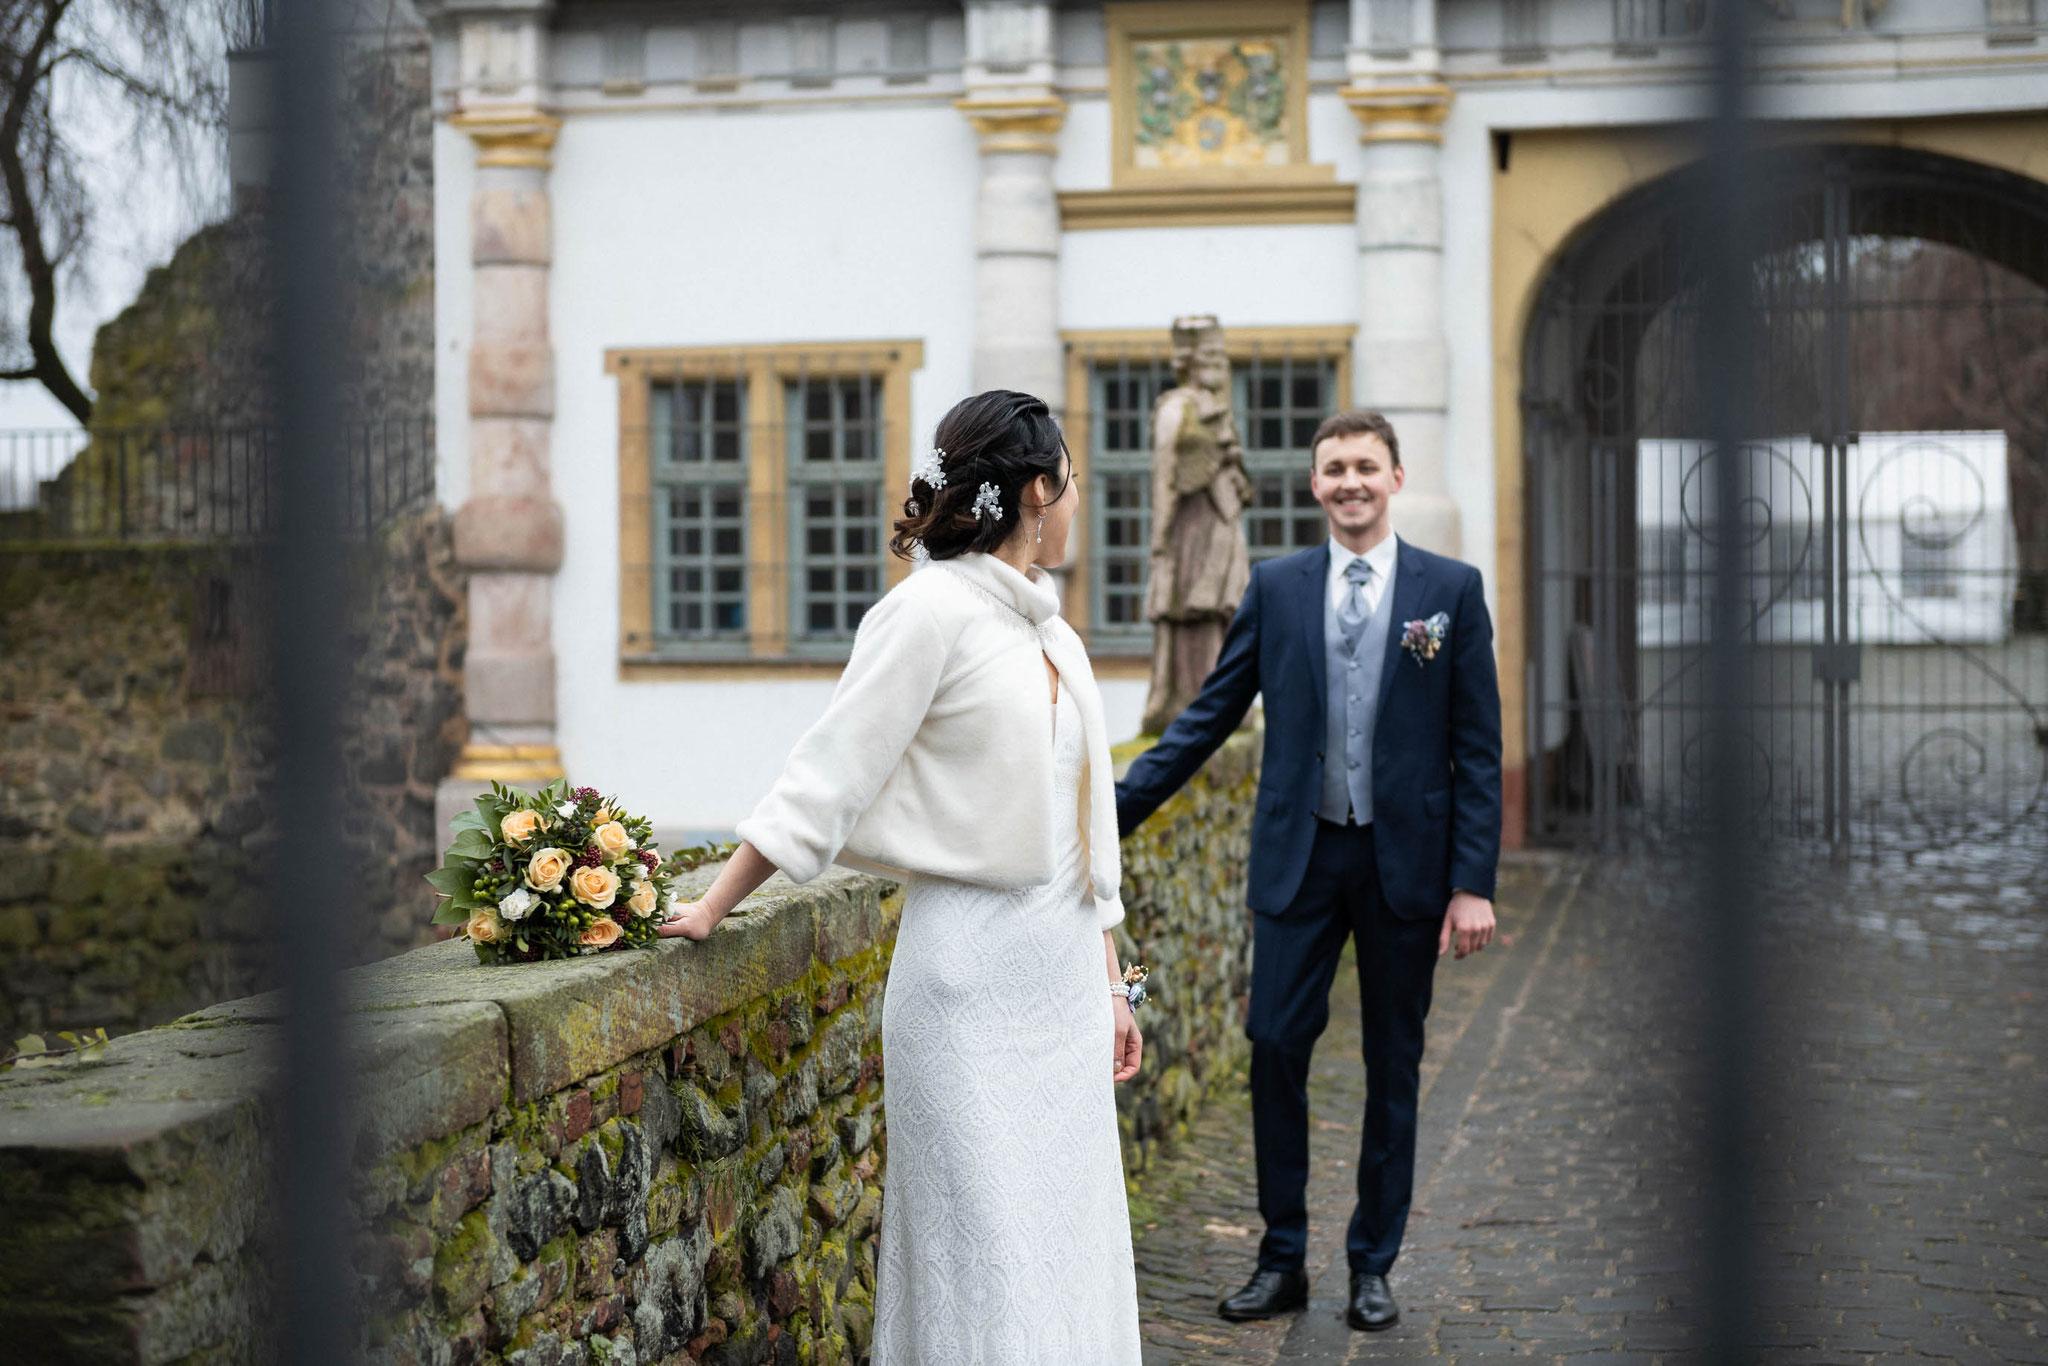 Brautpaar Shooting am Höchster Schloss in Frankfurt